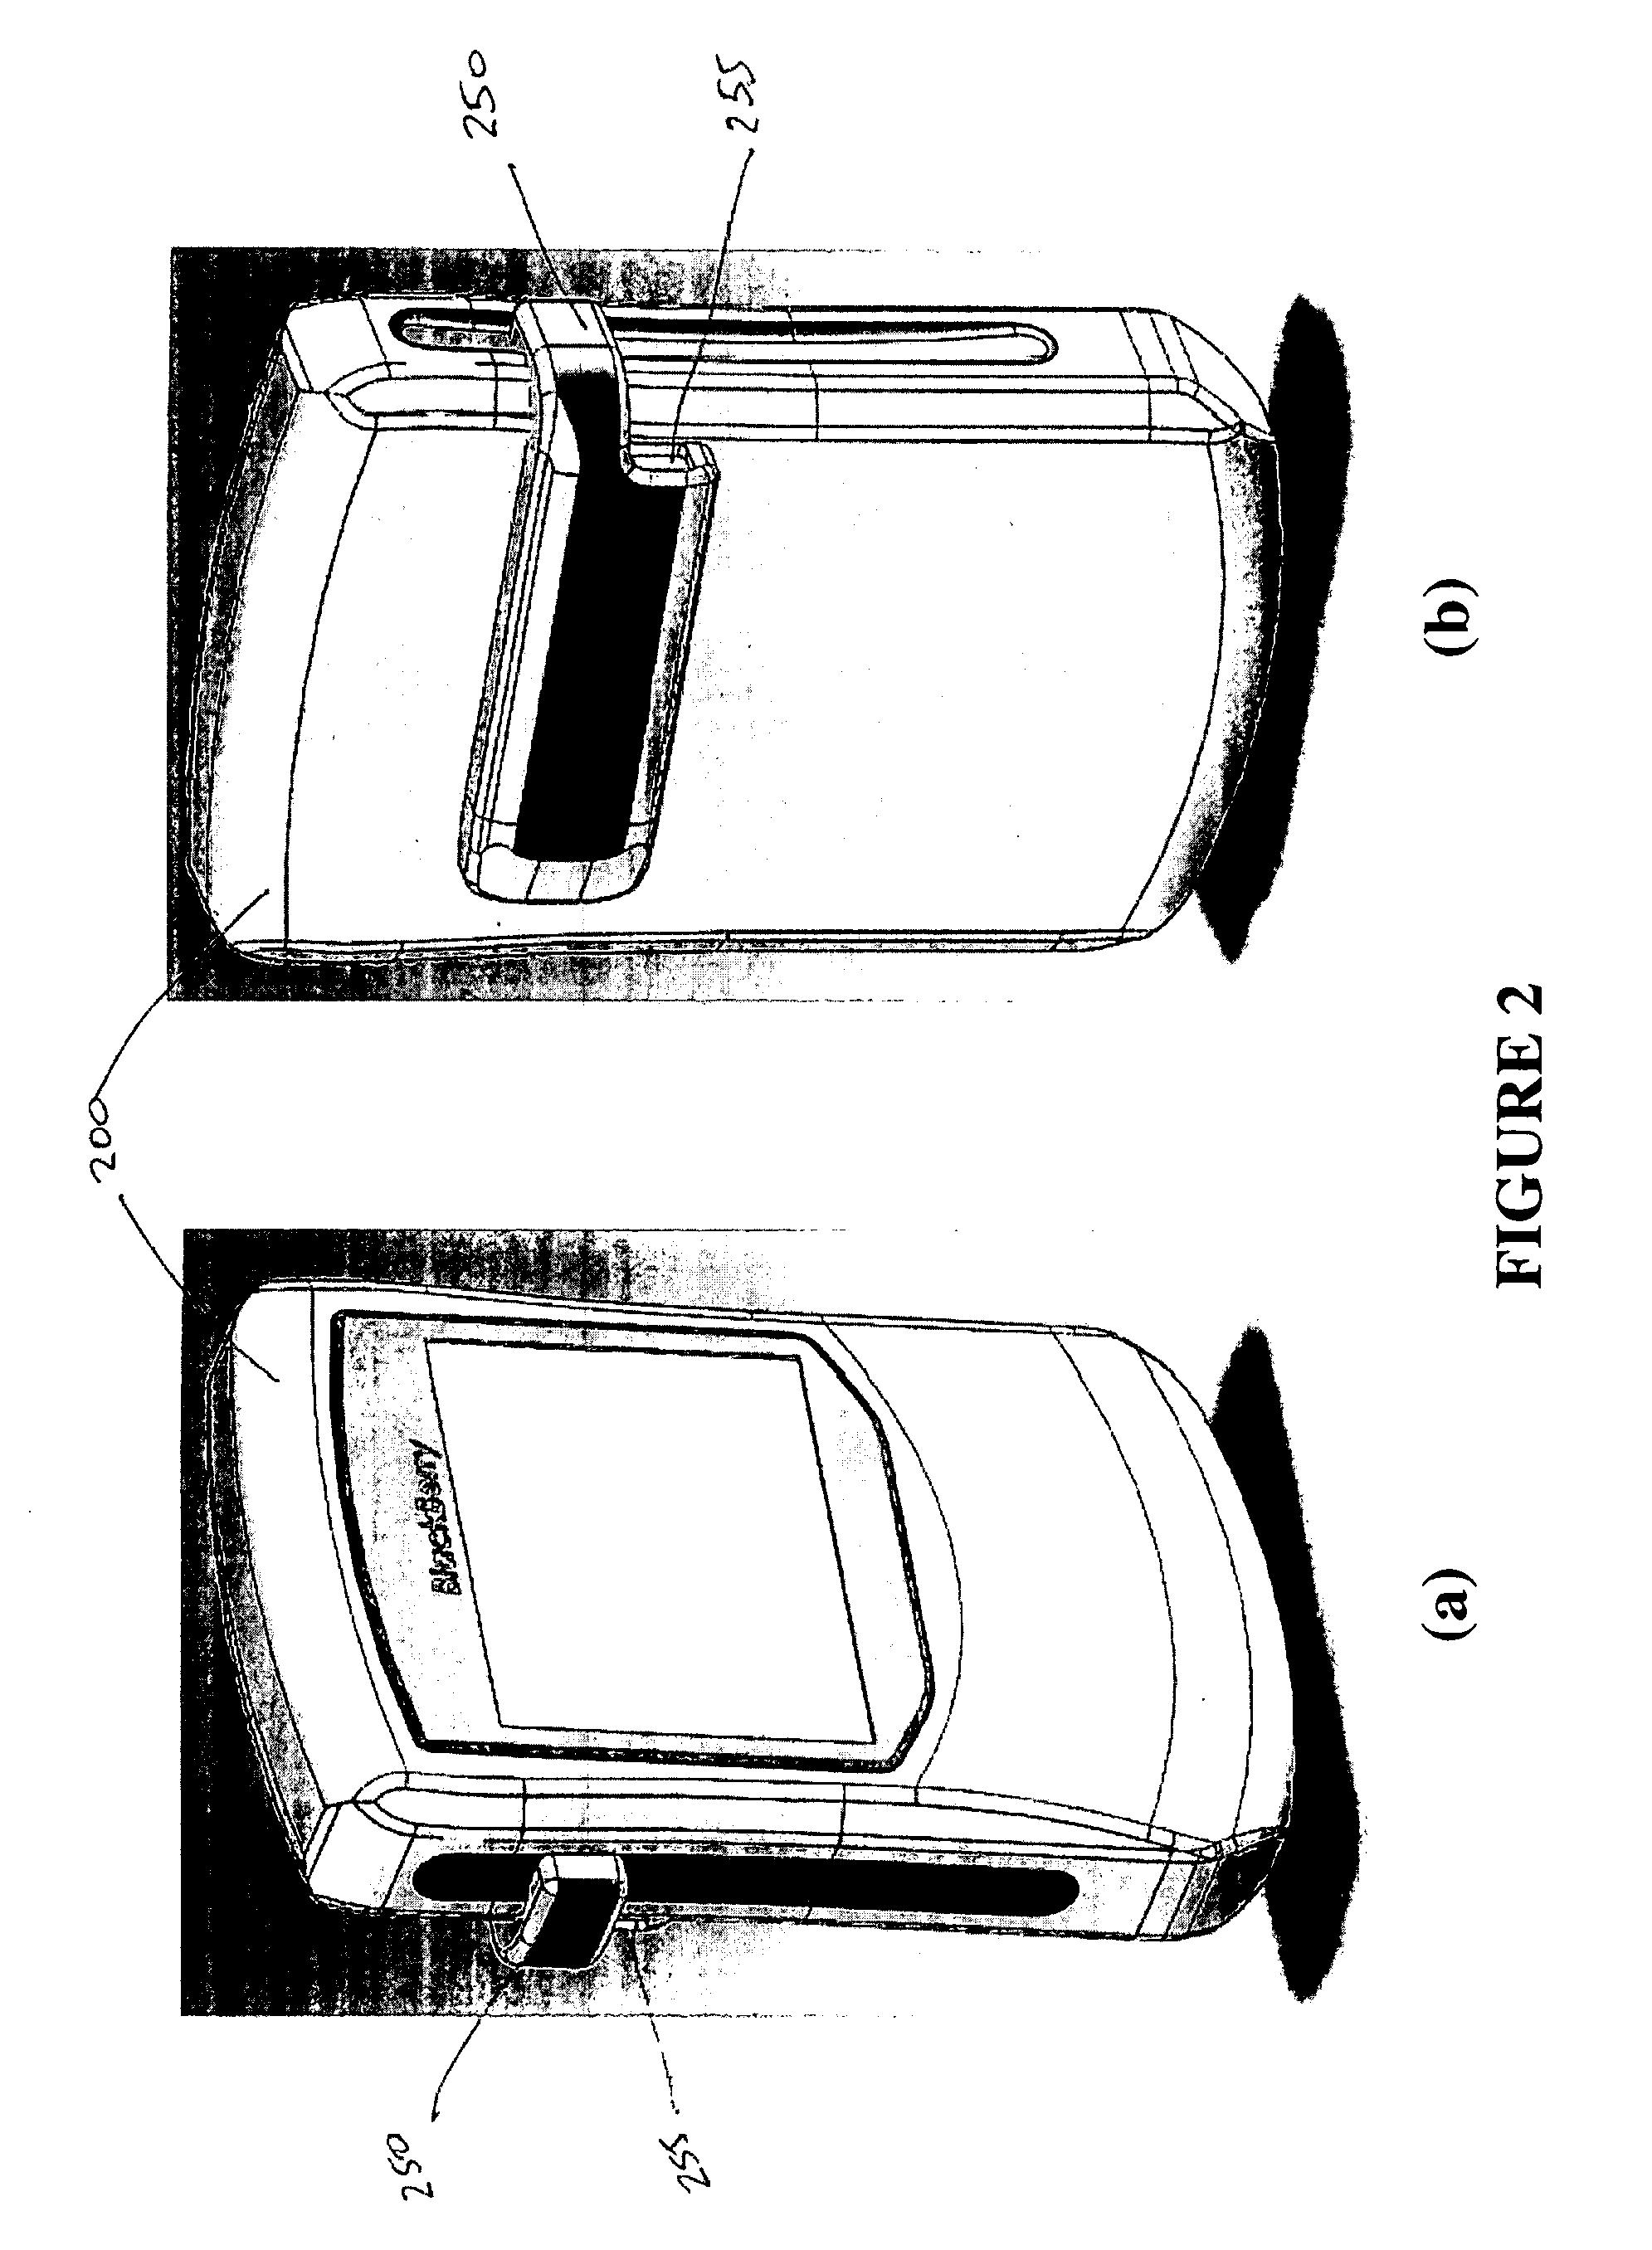 patent us20080119705